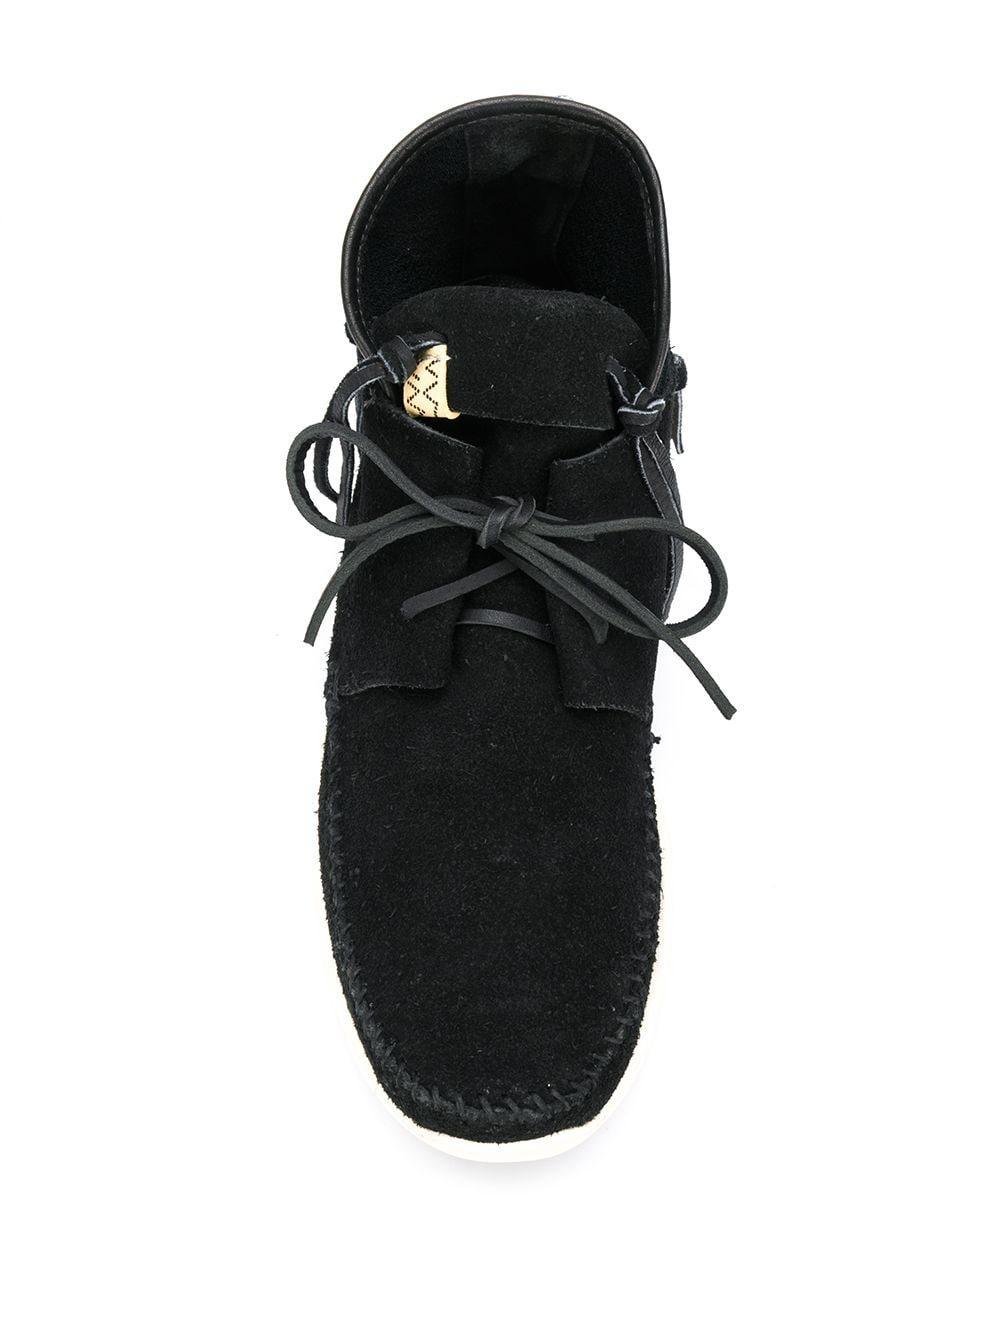 Botas Ute Moc Visvim de Cuero de color Negro para hombre